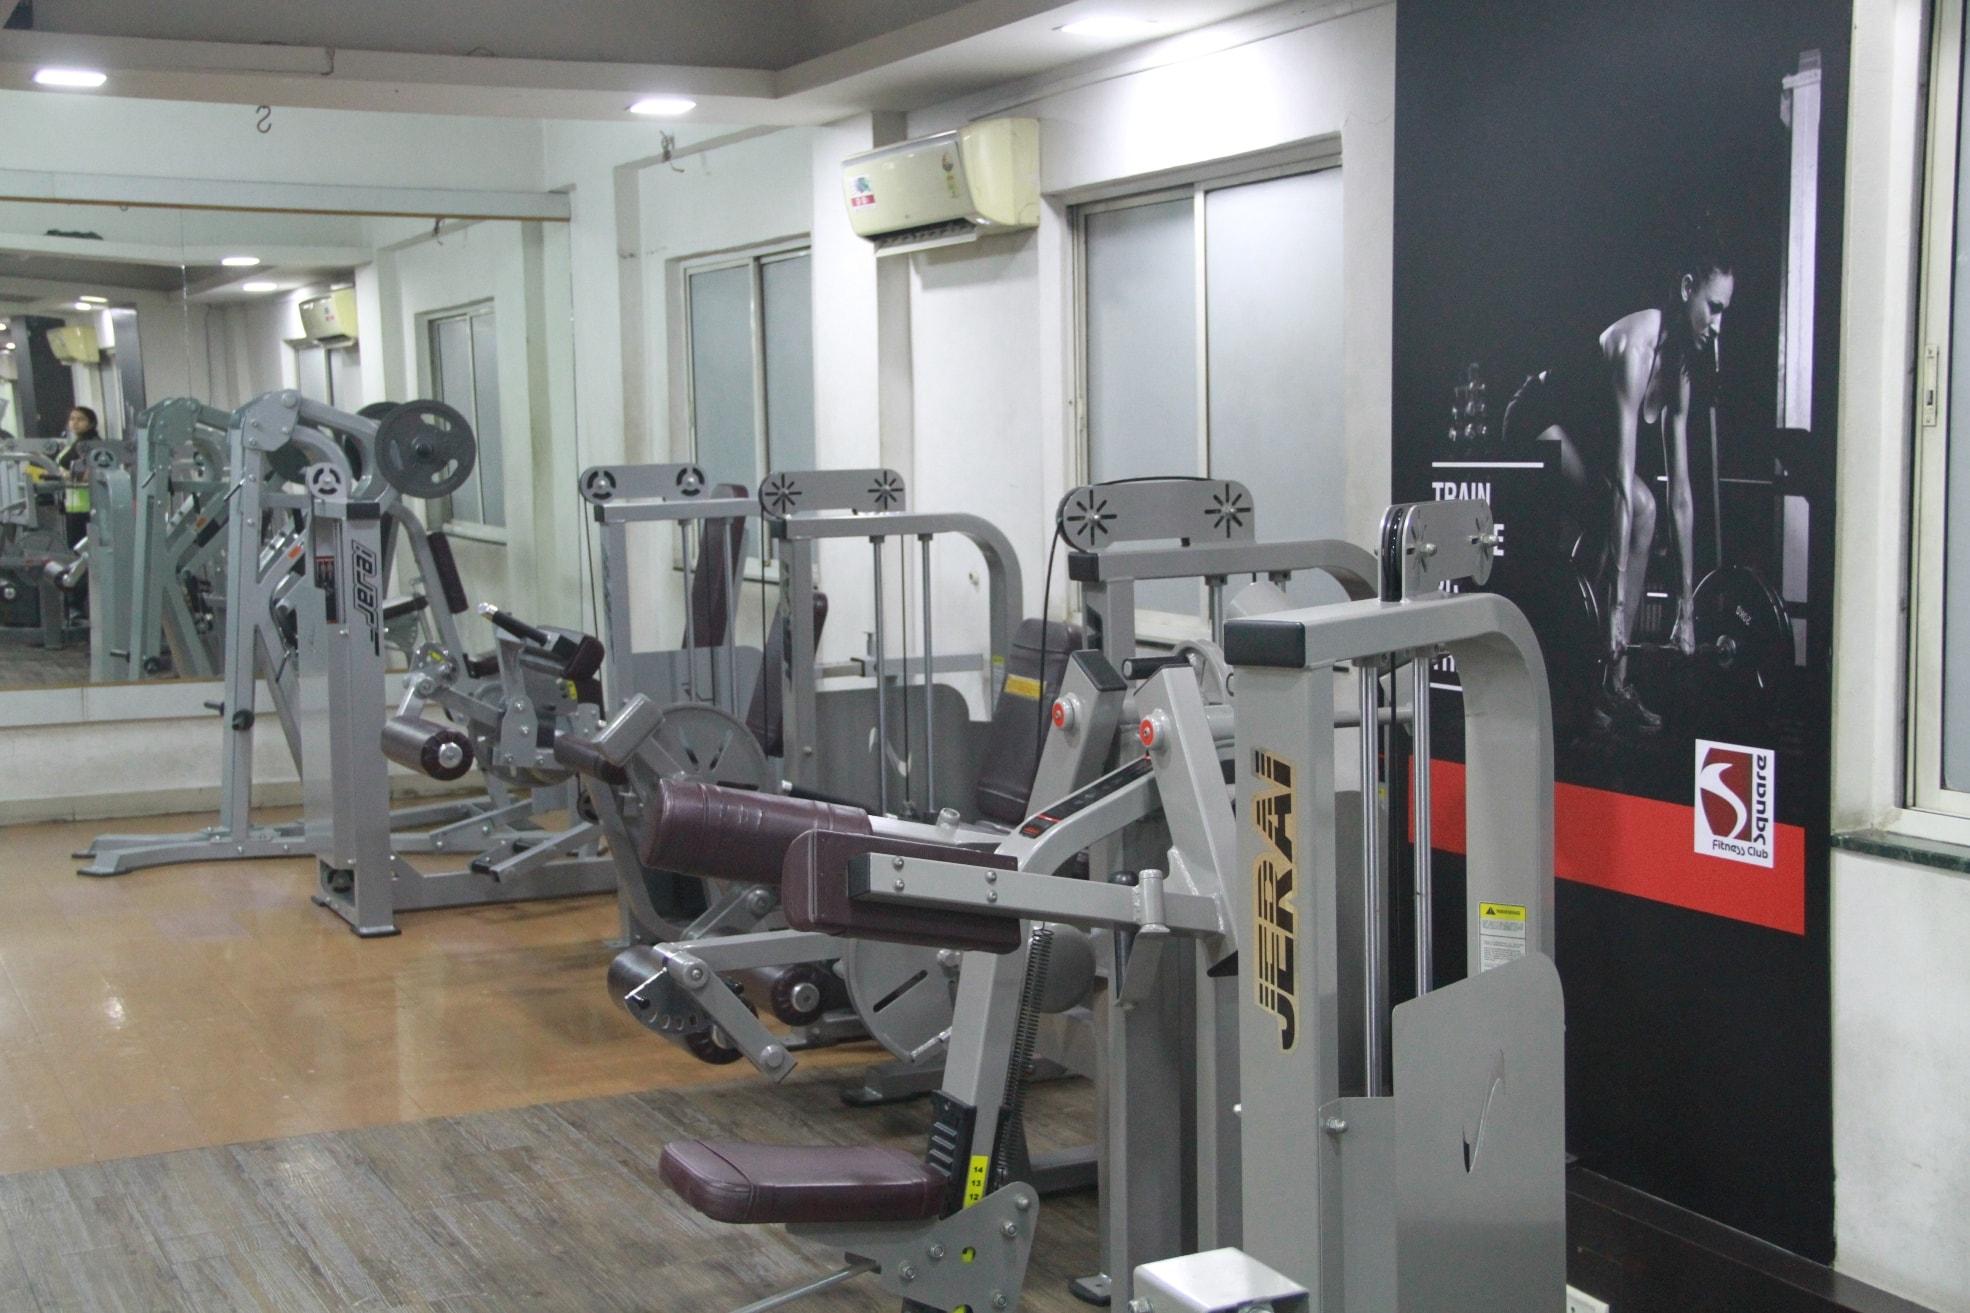 Weights Training Equipment 8